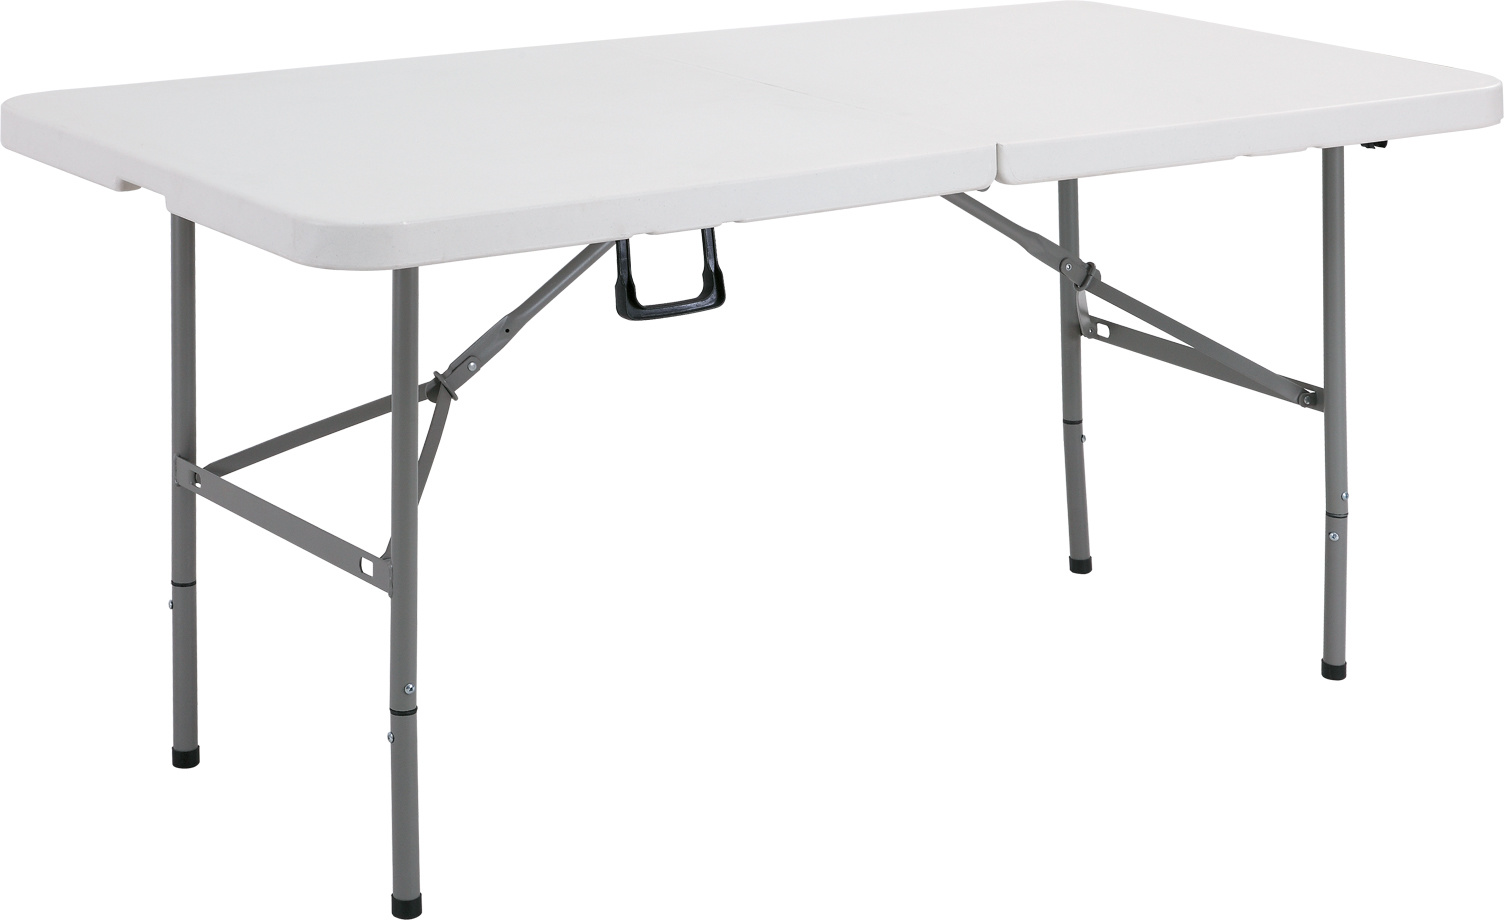 절반 플라스틱 테이블 (YCZ-152Z)에 있는 5FT 겹 – 절반 플라스틱 ...